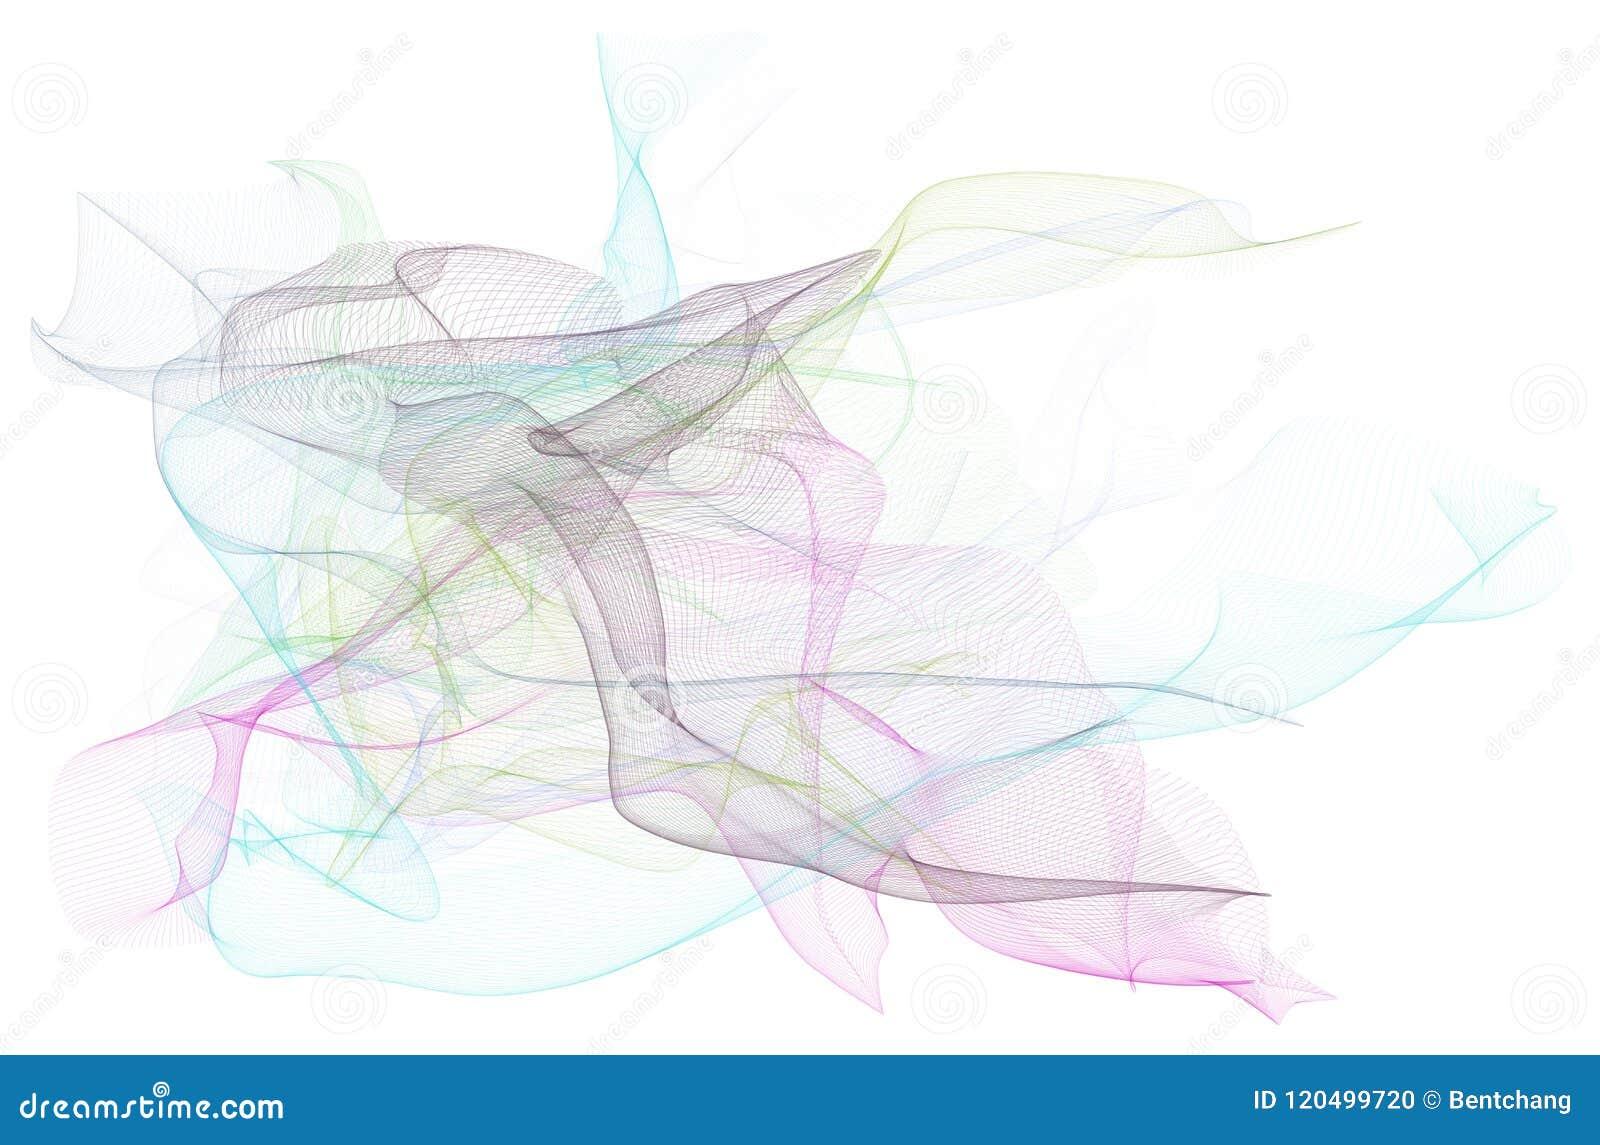 Ilustrações da linha arte fumarento Cor, teste padrão, estilo & desenho